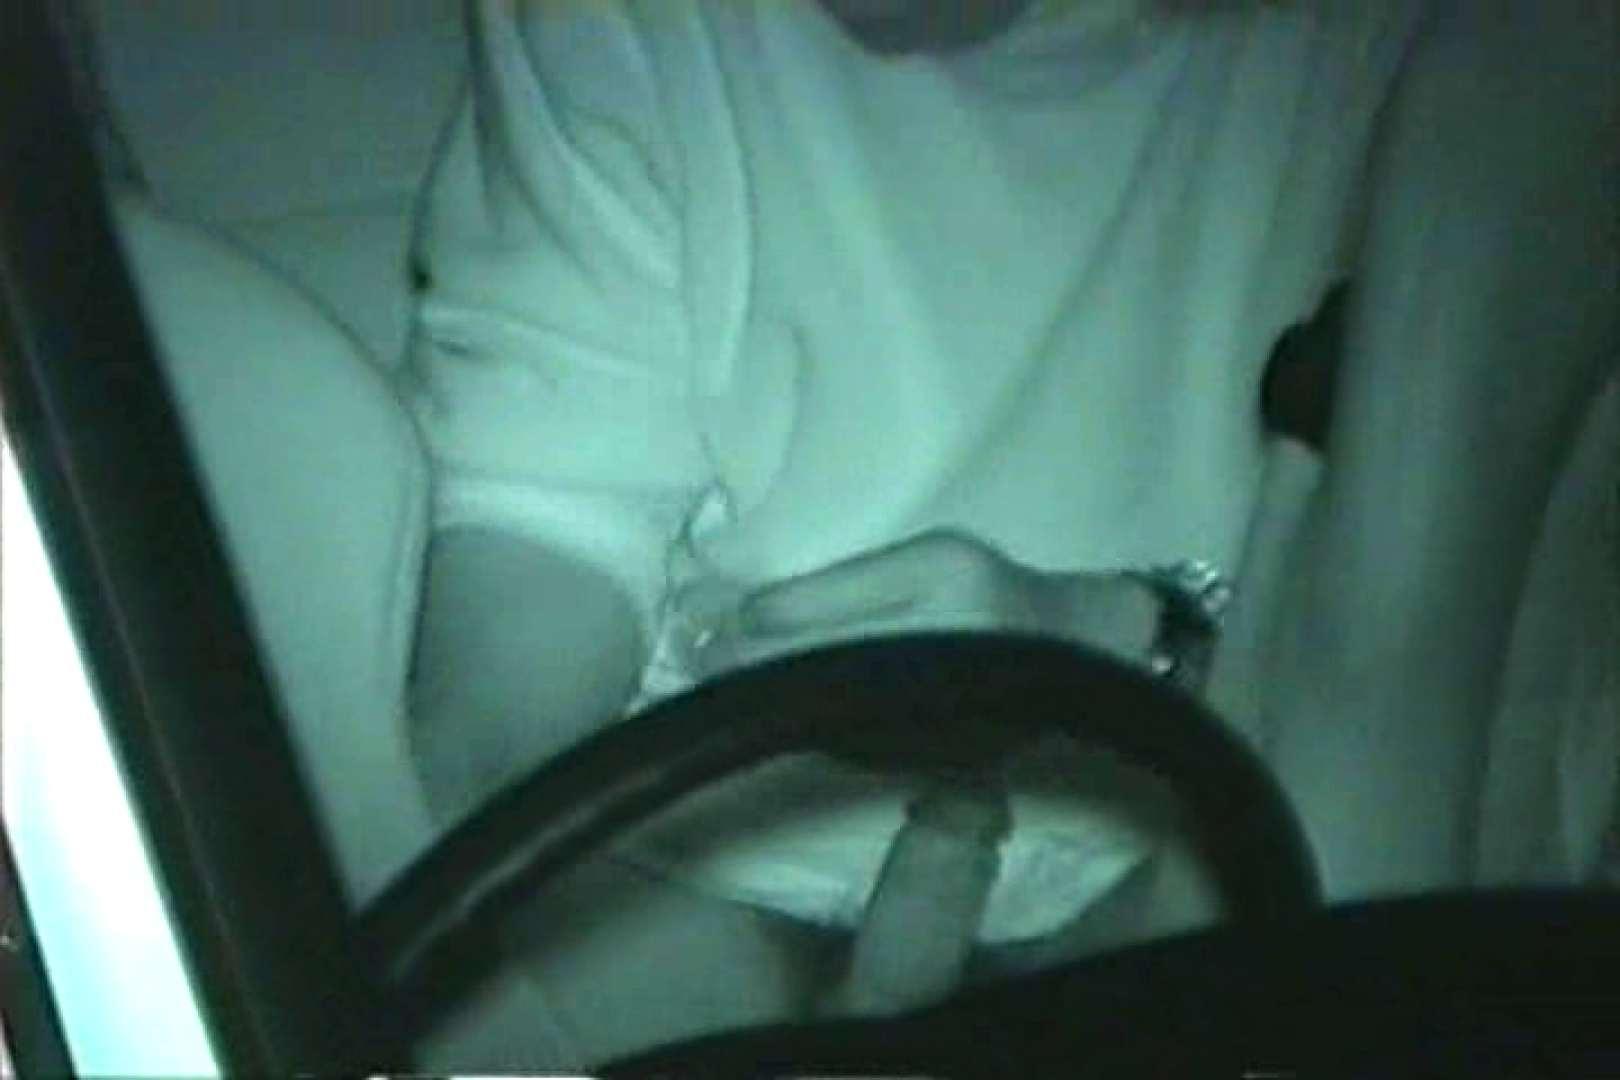 車の中はラブホテル 無修正版  Vol.27 ホテル ヌード画像 58画像 54